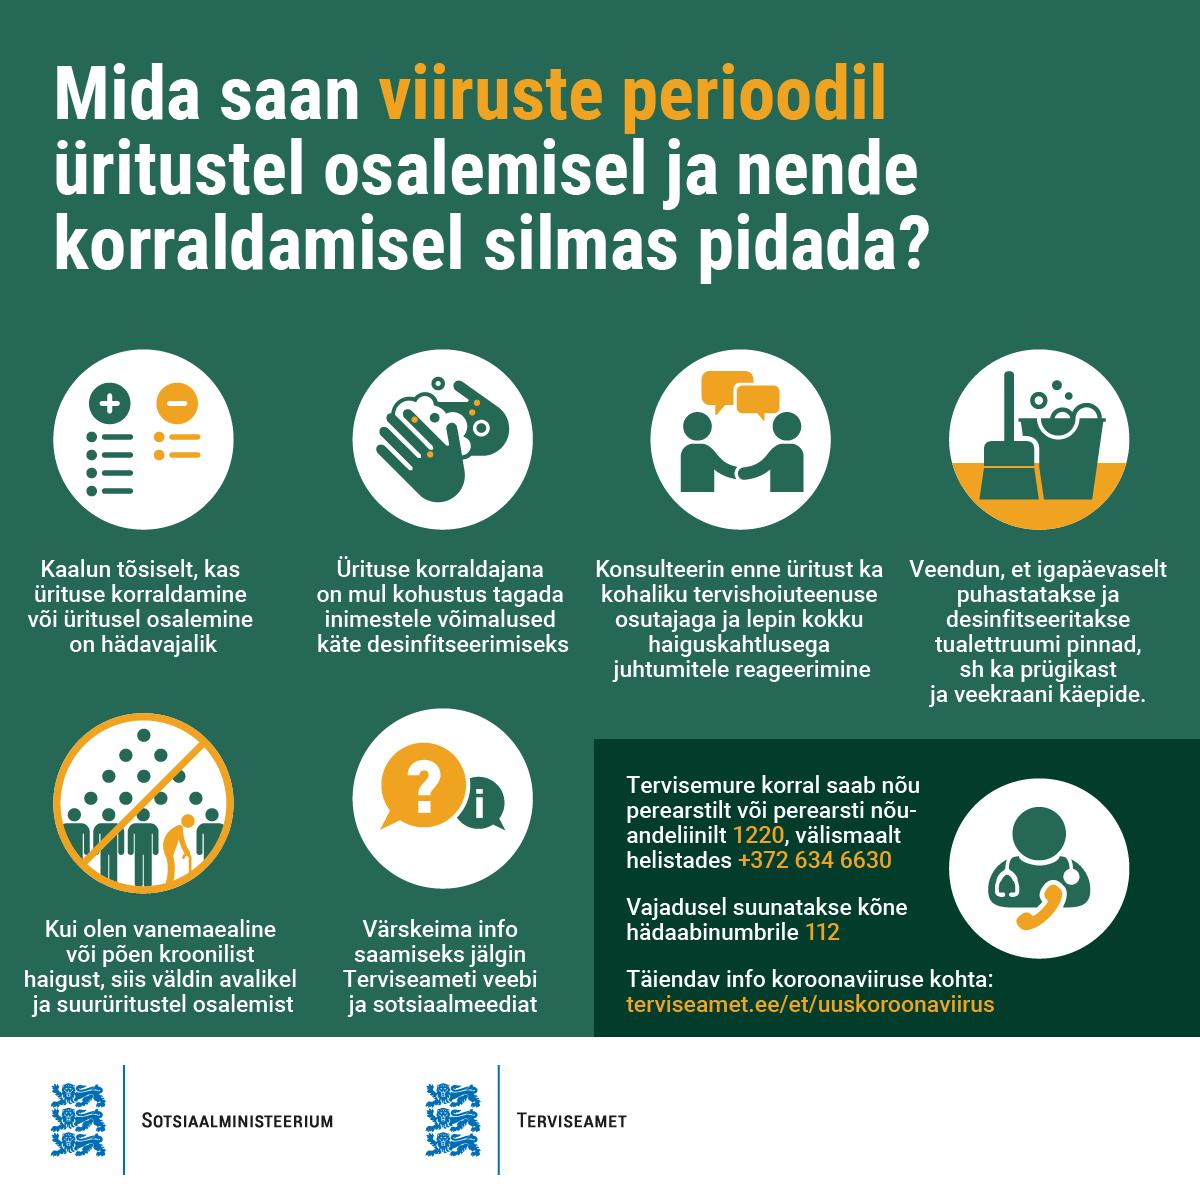 https://www.terviseamet.ee/sites/default/files/Nakkushaigused/Juhendid/COVID-19/mida_saan_viiruste_perioodil_uritustel_osalemisel_ja_nende_korraldamisel_silmas_pidada.est.png